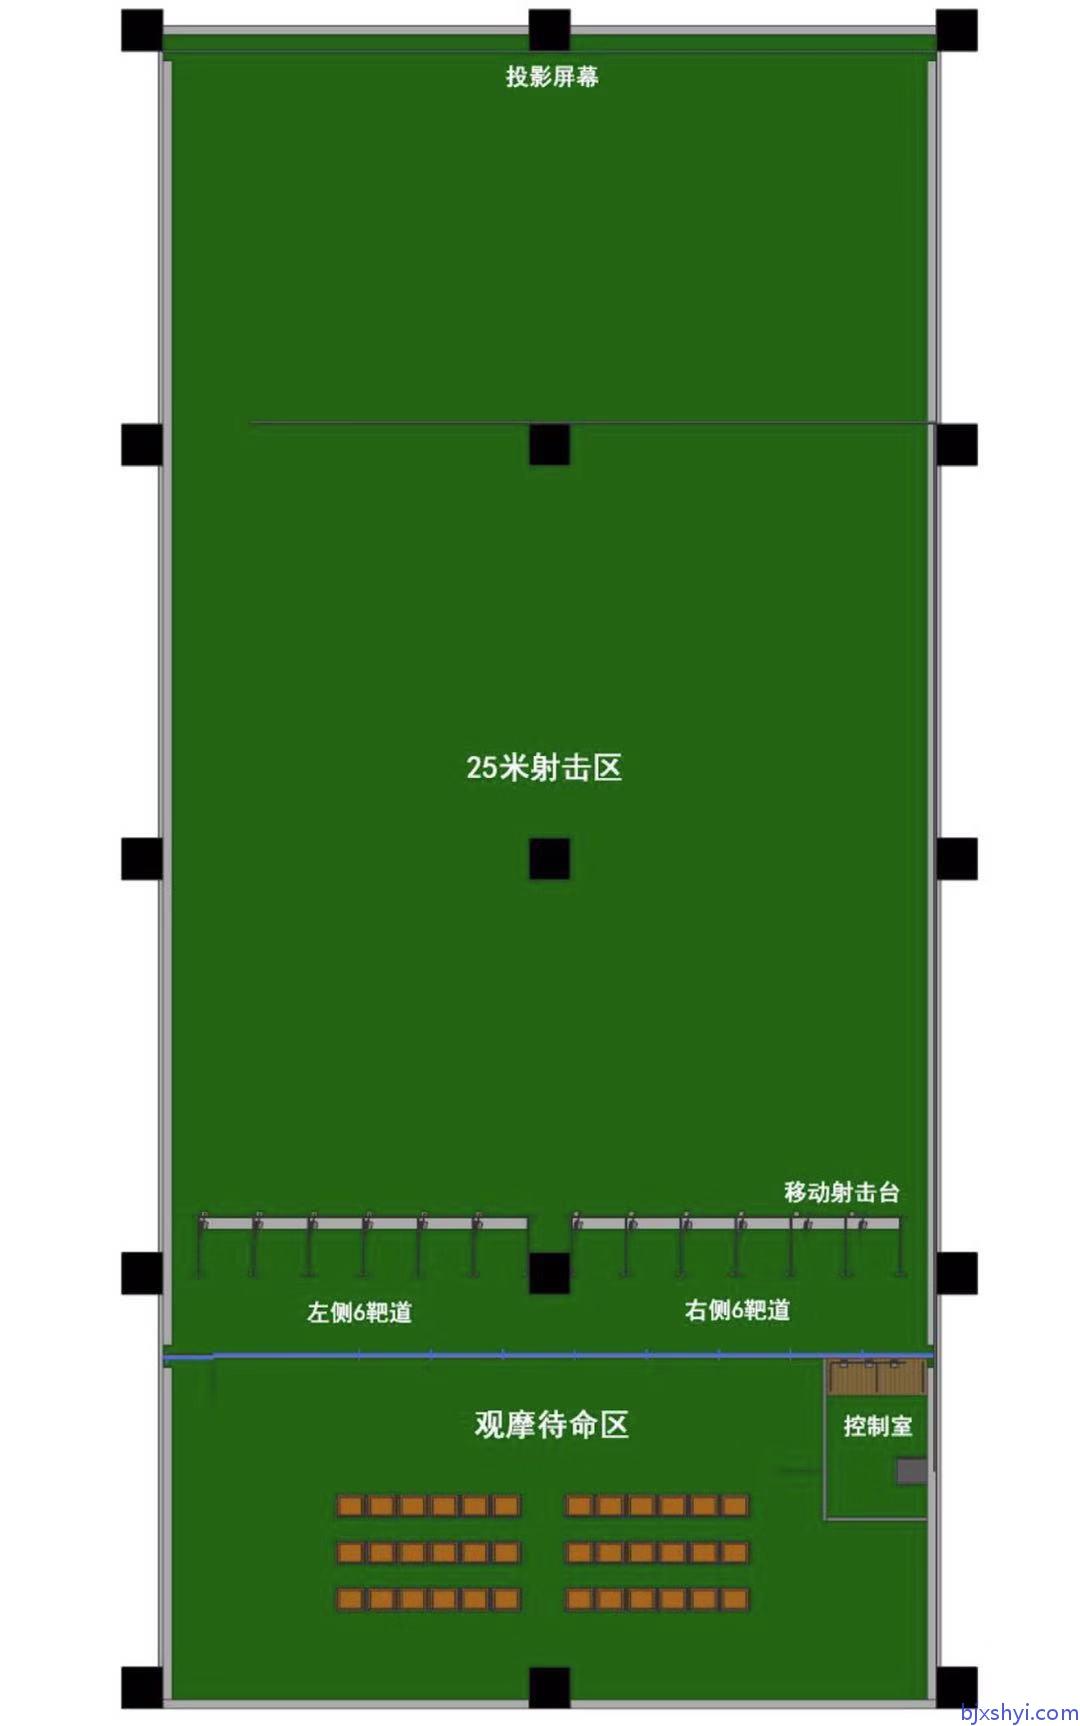 鑫晟恒亿军警模拟射击训练靶场建设效果图1